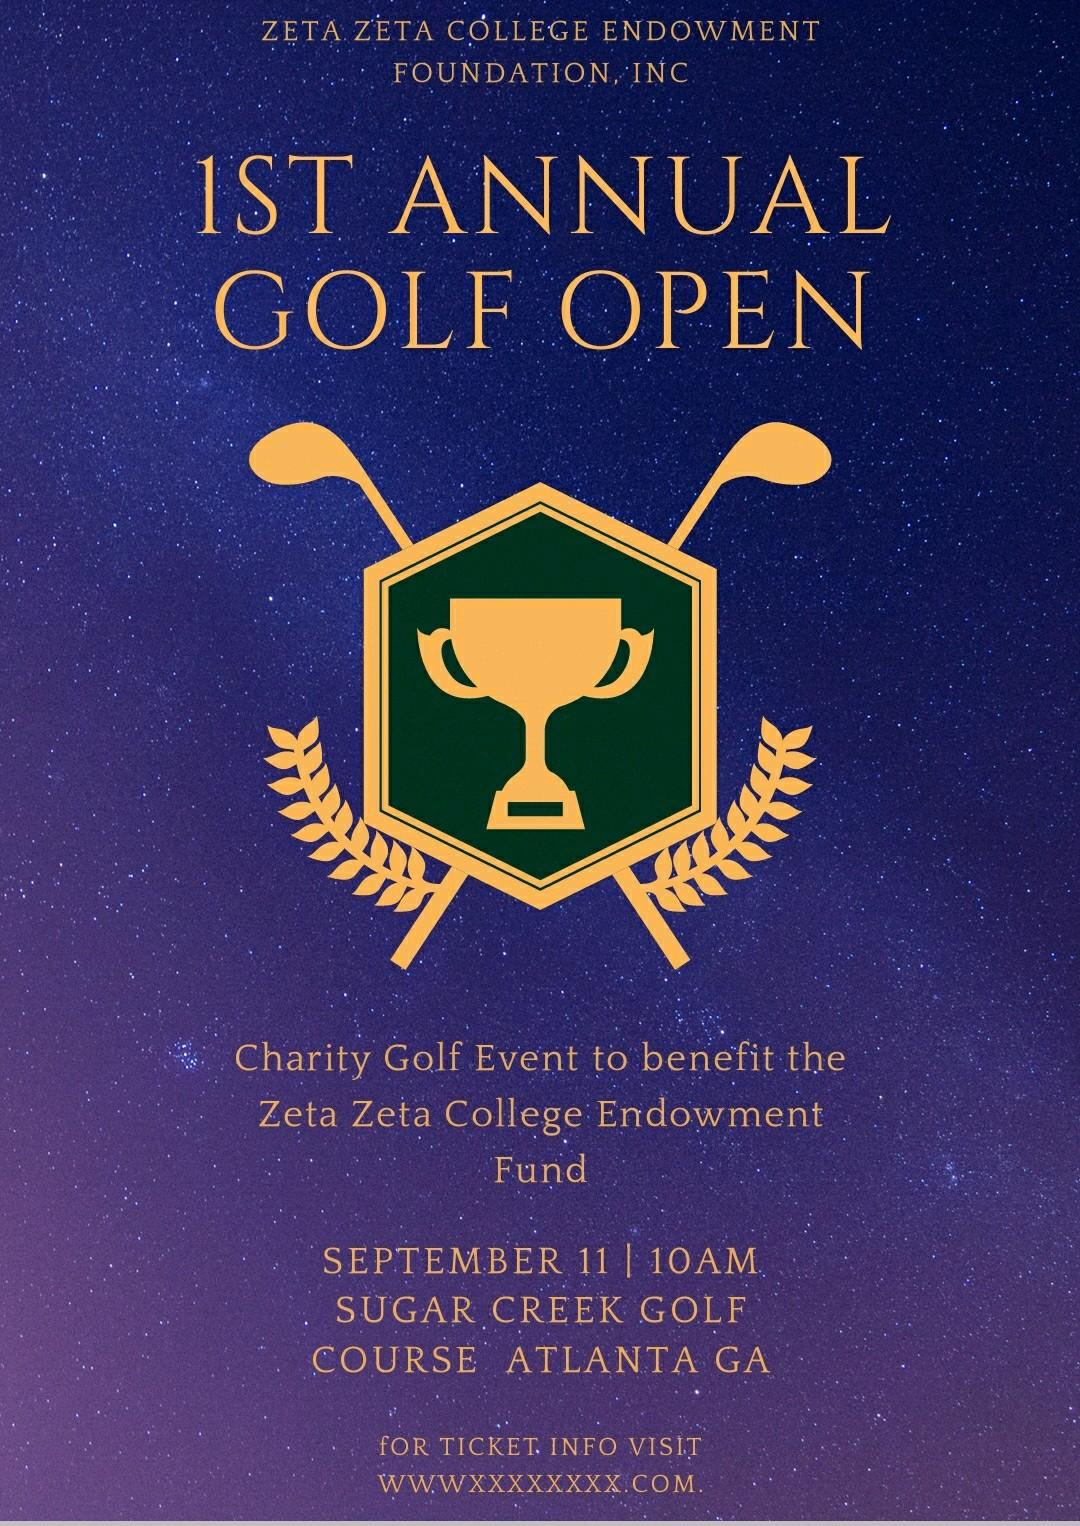 1st Annual Zeta Zeta College Endowment Foundation Golf Open